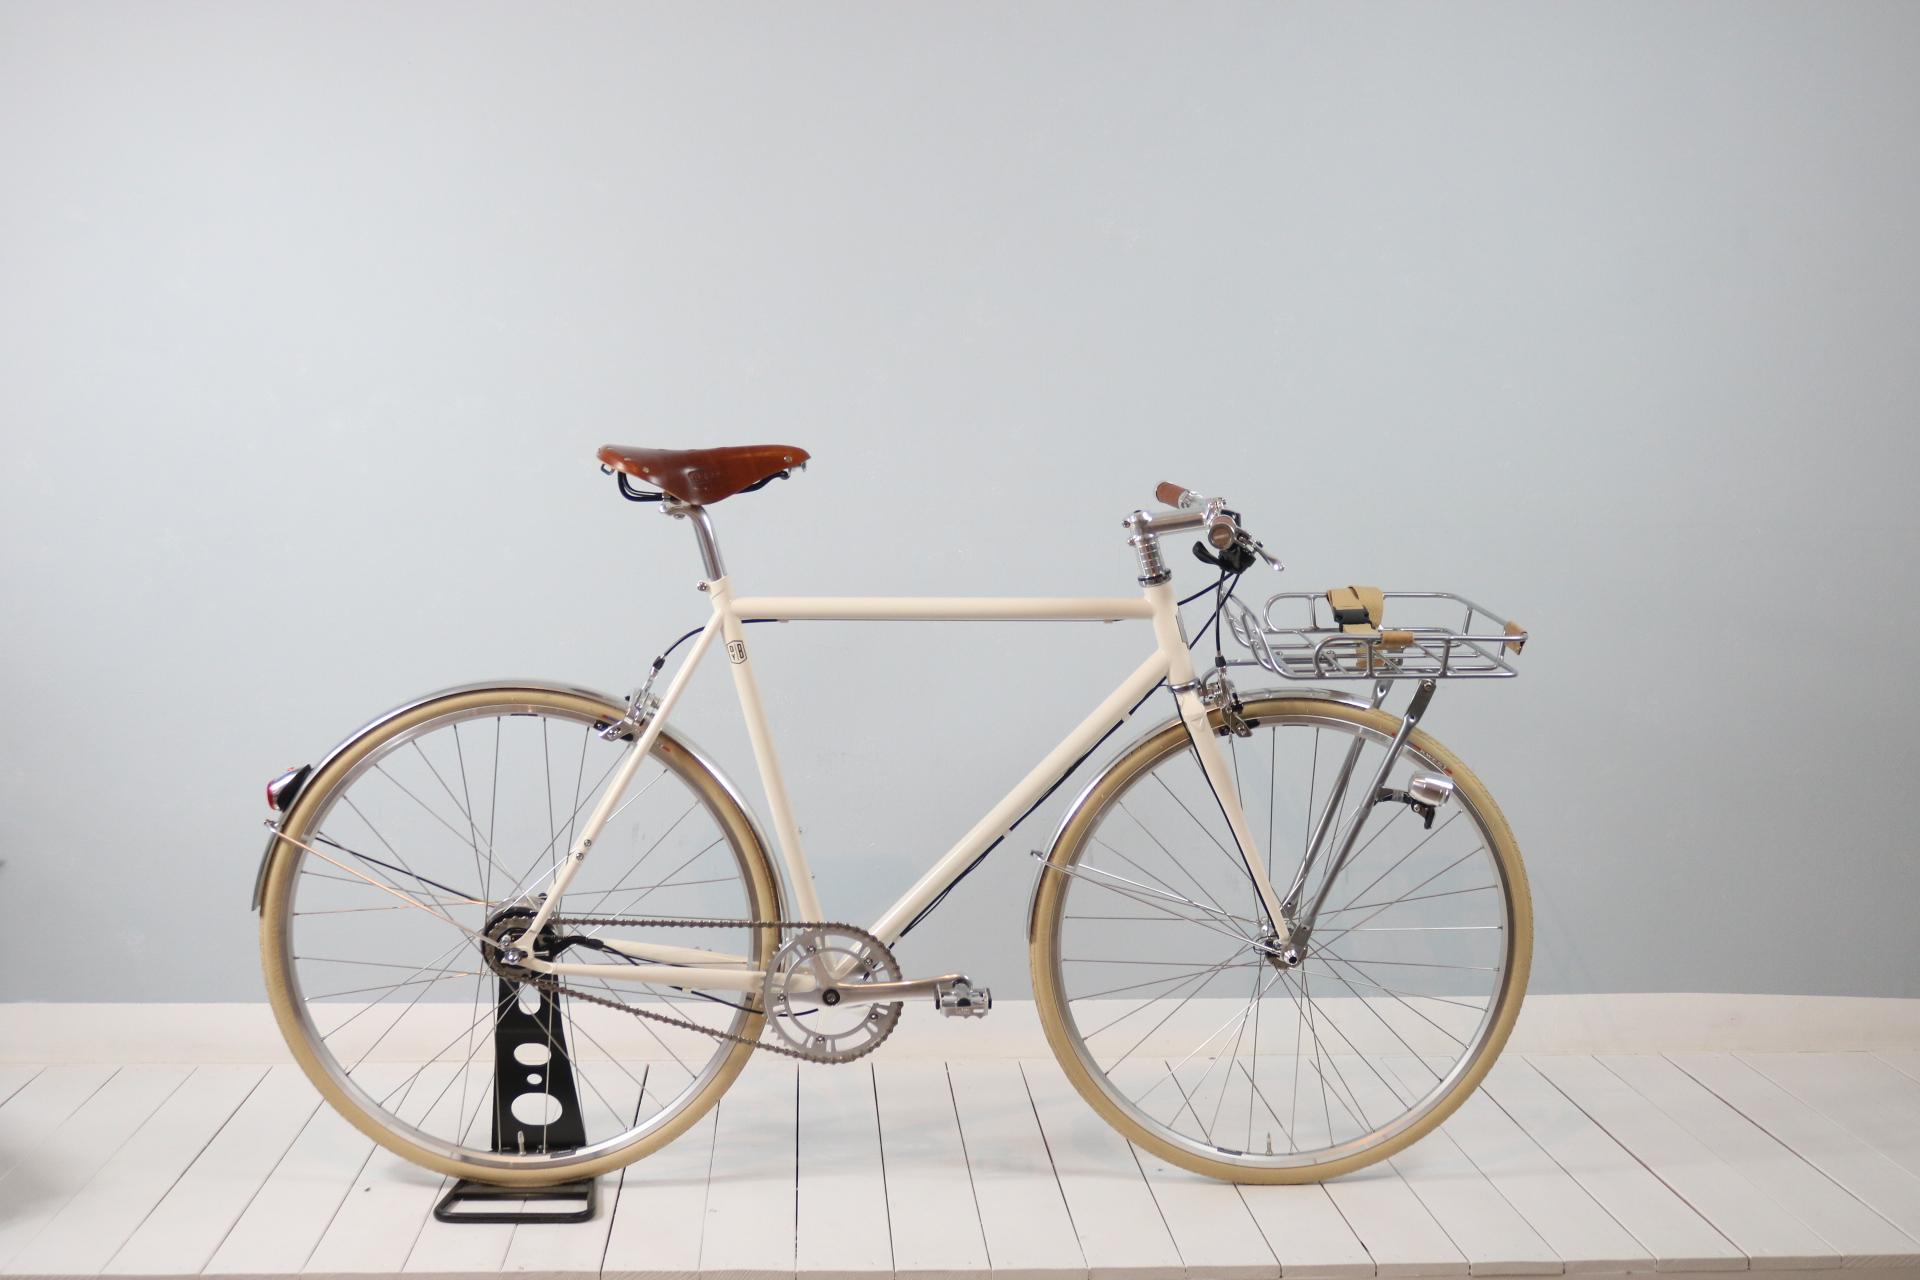 Bike Cremeweiss mit Frontkorb